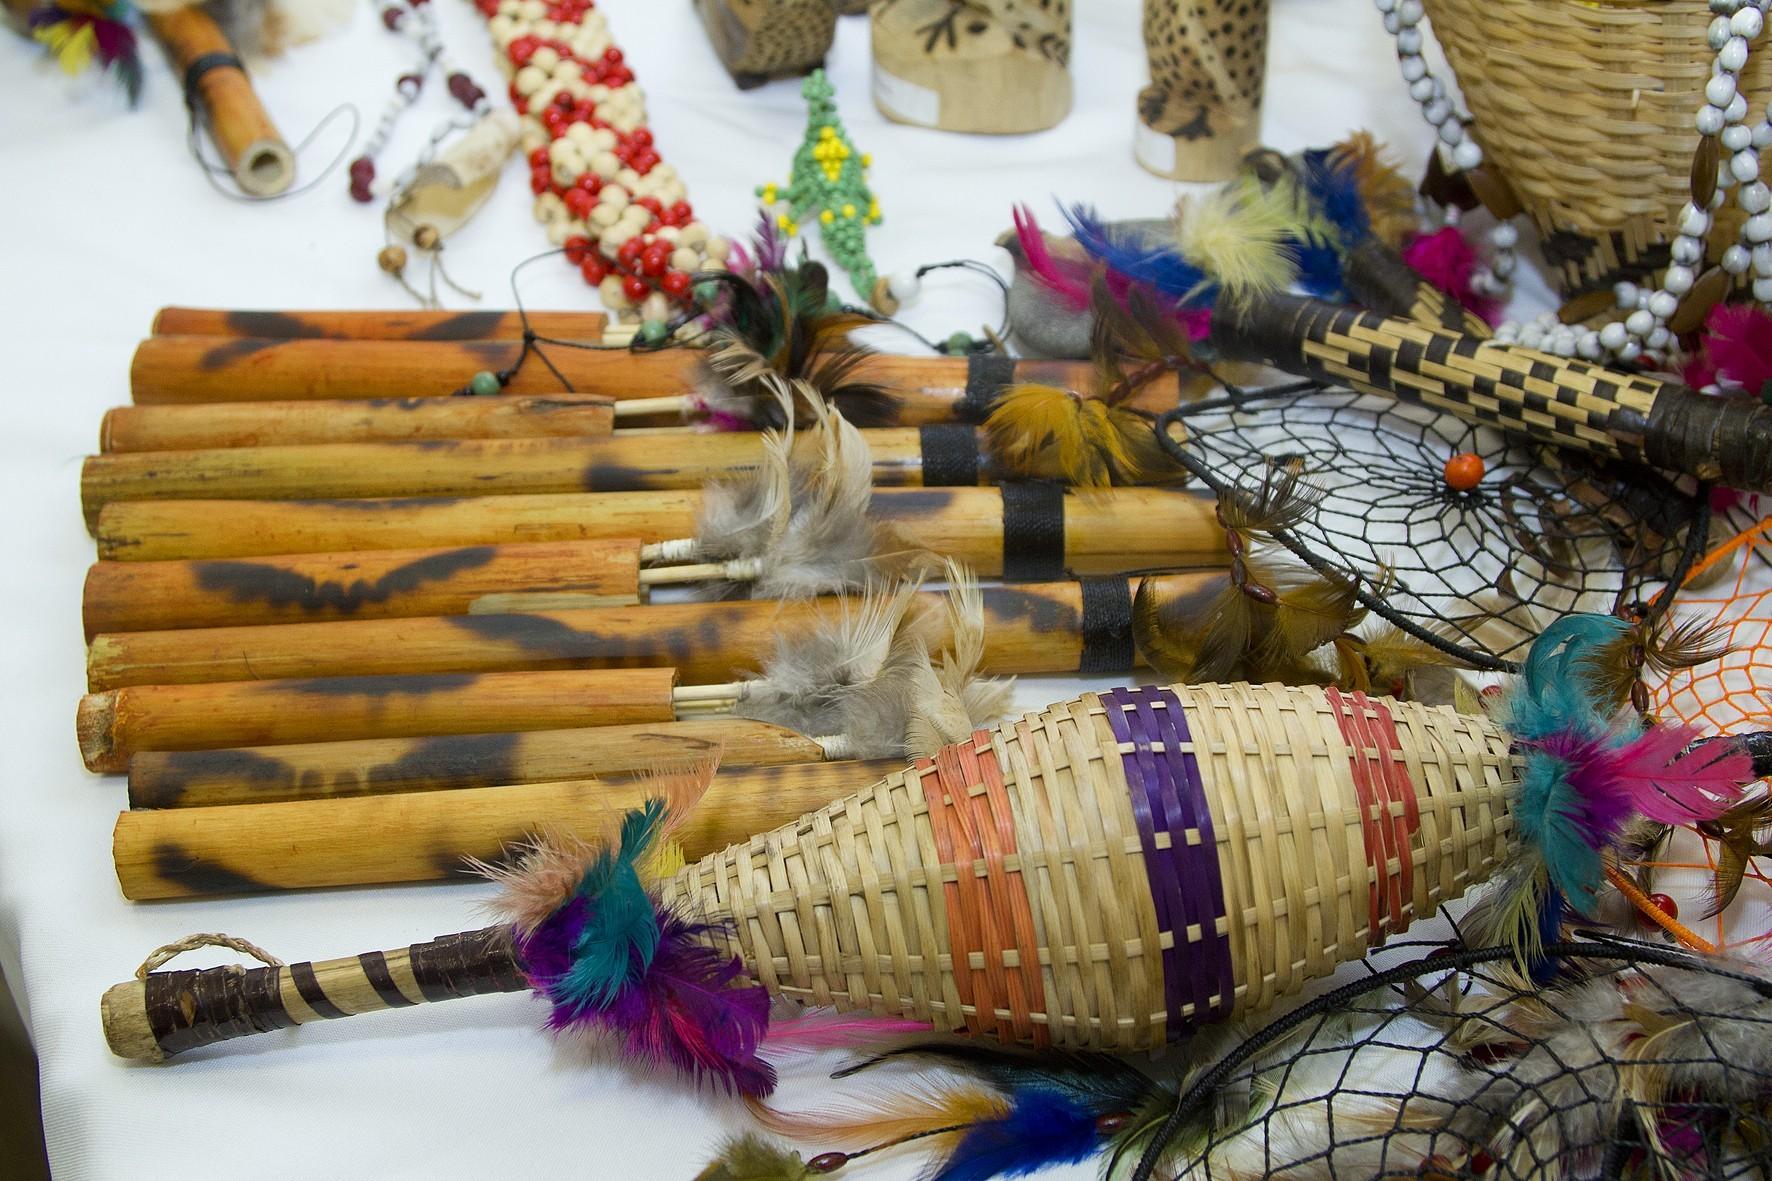 Armario Farmacia ~ Artesanato Indígena USP Imagens Banco de imagens da USP